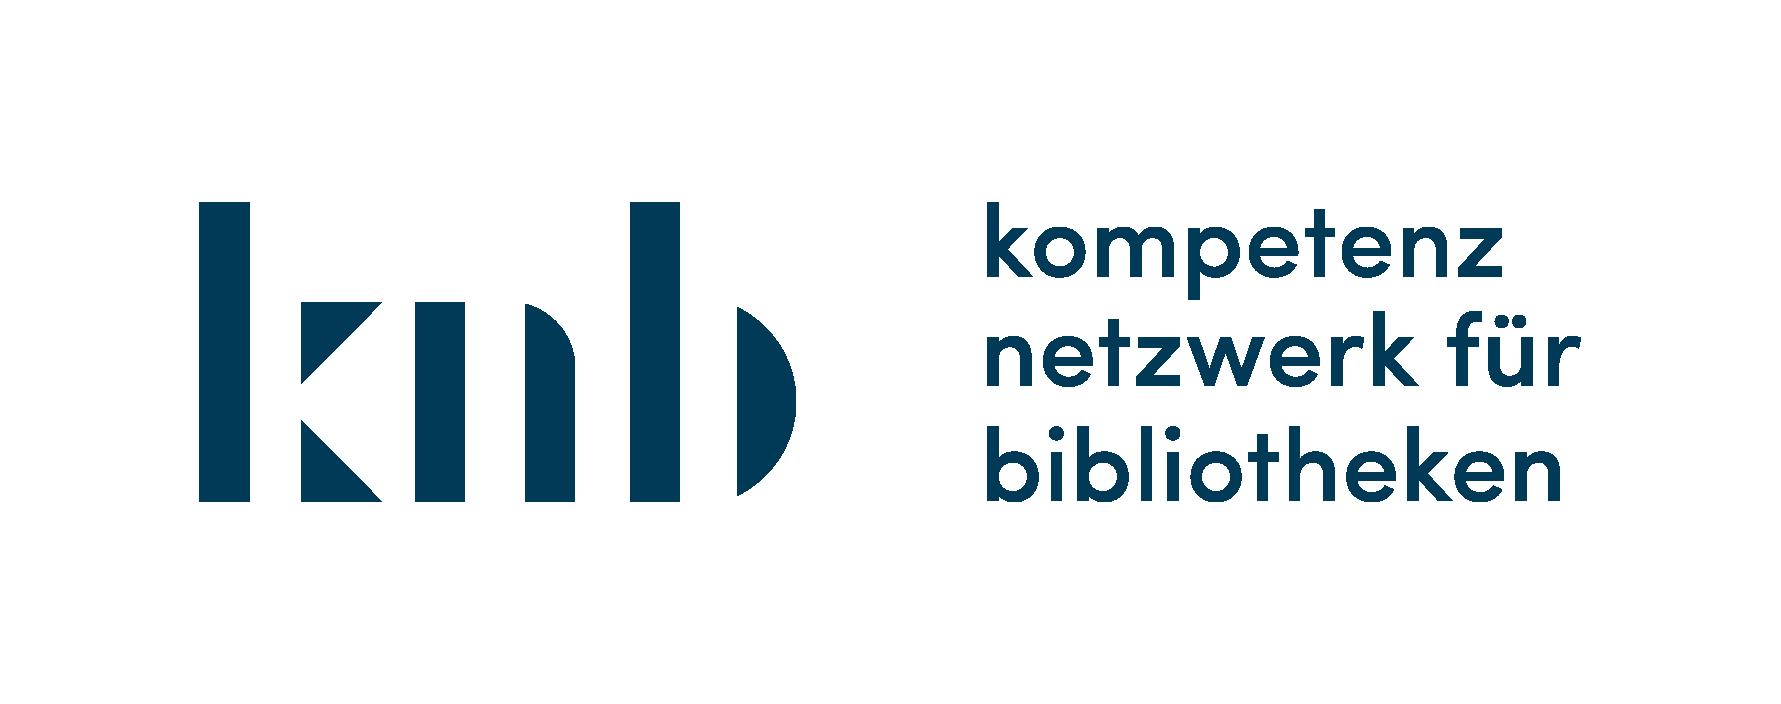 Kompetenznetzwerk für Bibliotheken (knb)